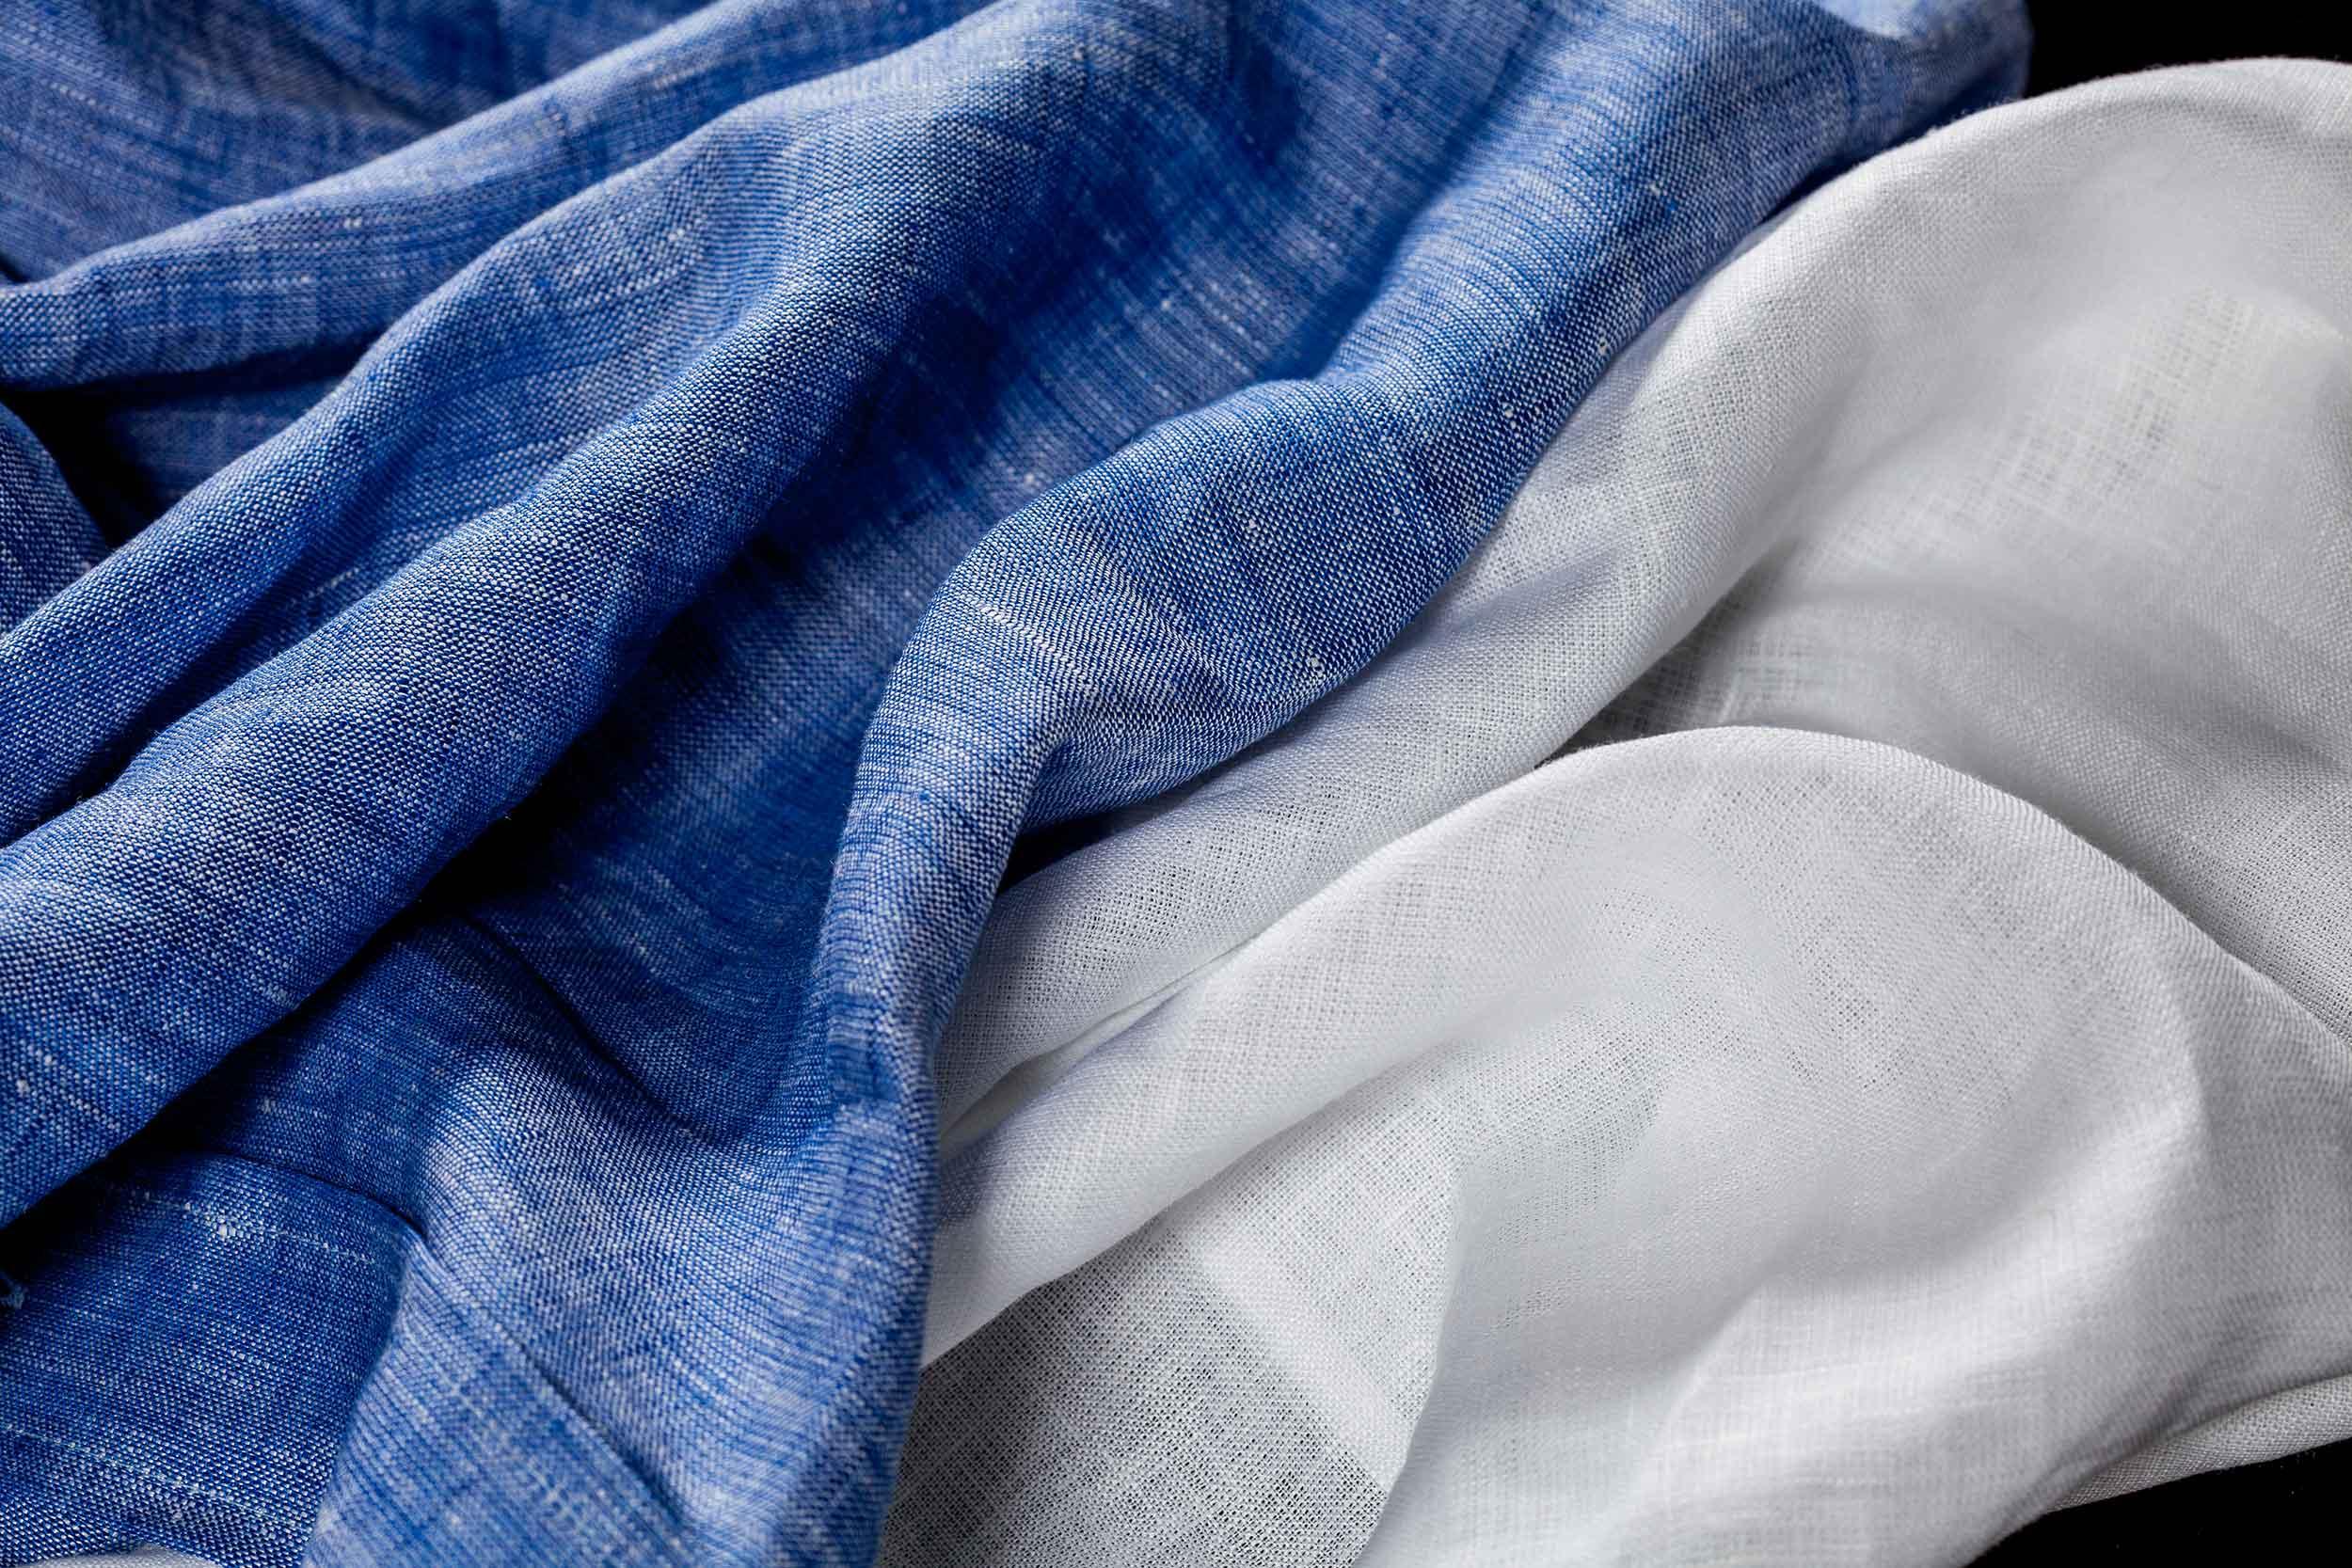 Tessuti per camicie di lino bianco e azzurro